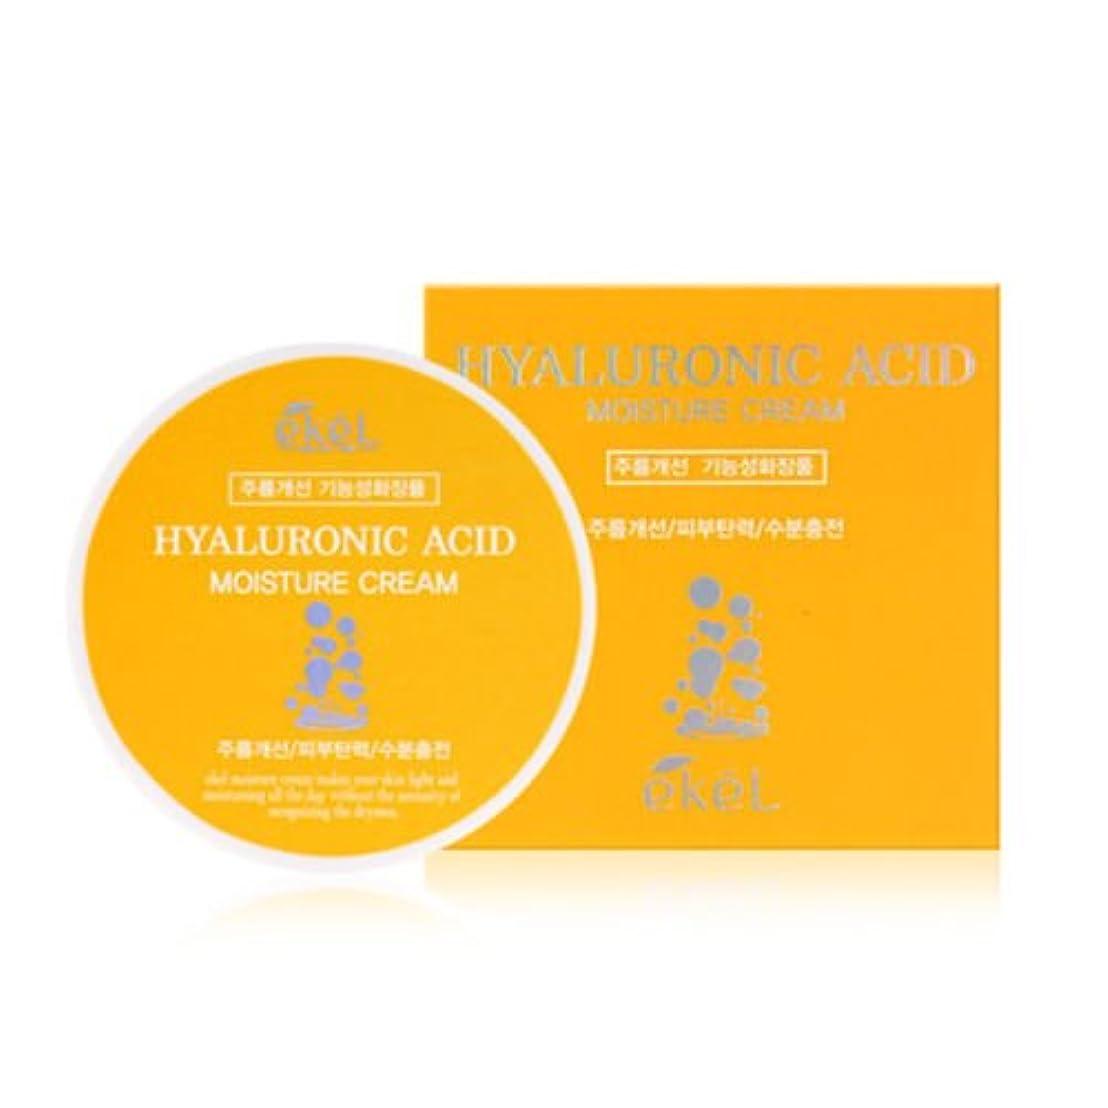 体細胞プロテスタント後者イケル[韓国コスメEkel]Hyaluronic acid Moisture Cream ヒアルロン酸モイスチャークリーム100g [並行輸入品]